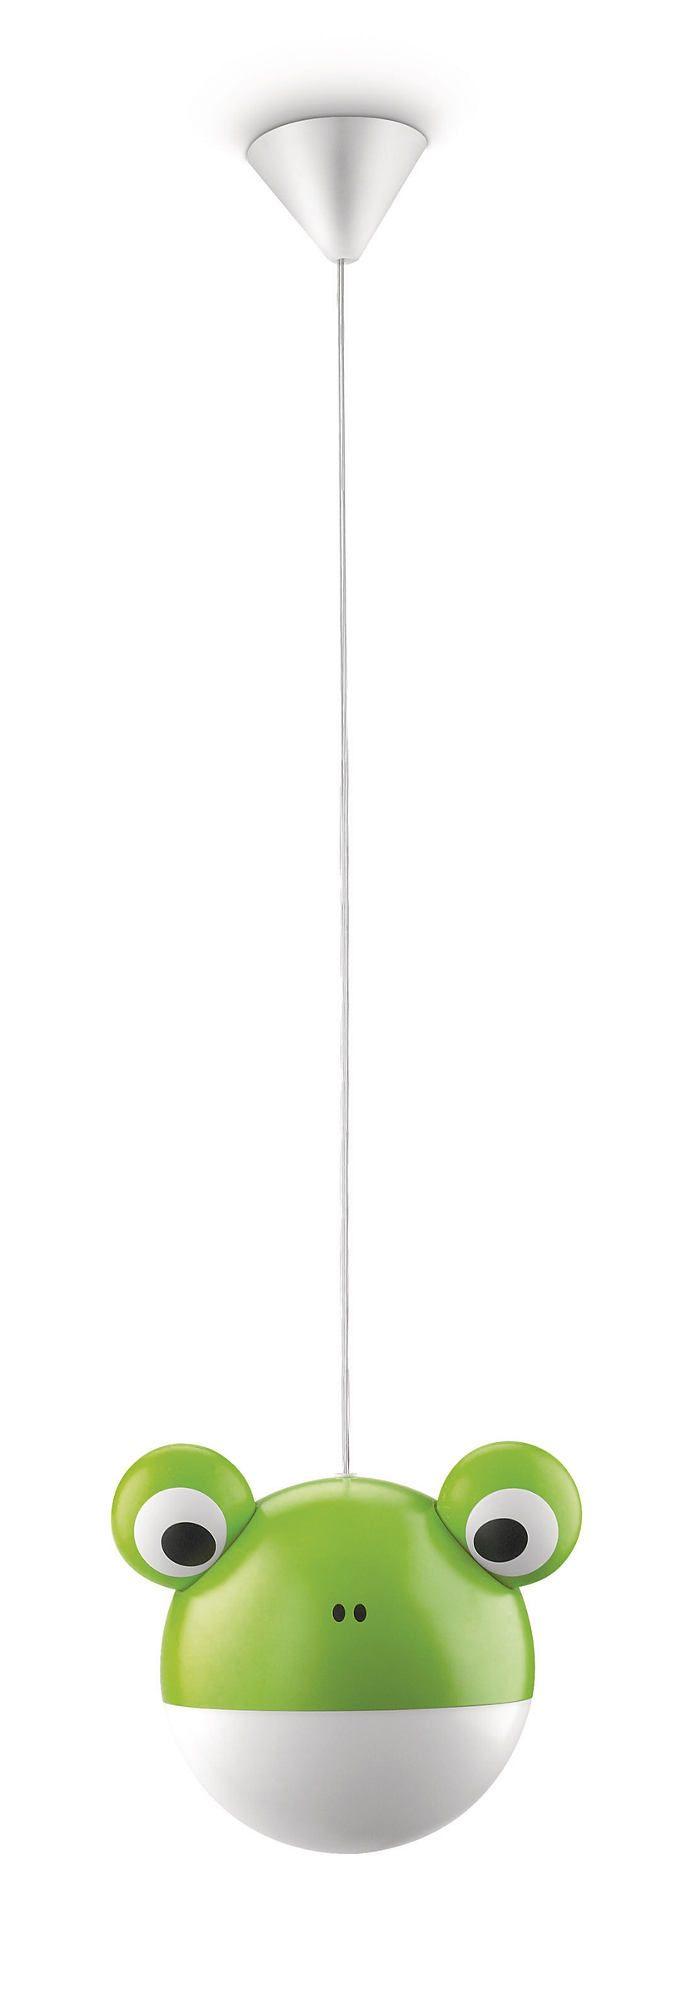 ANORA myKidsroom by Philips Kinderlamp 41022-33-16 Vanaf € 56.65 bij ...